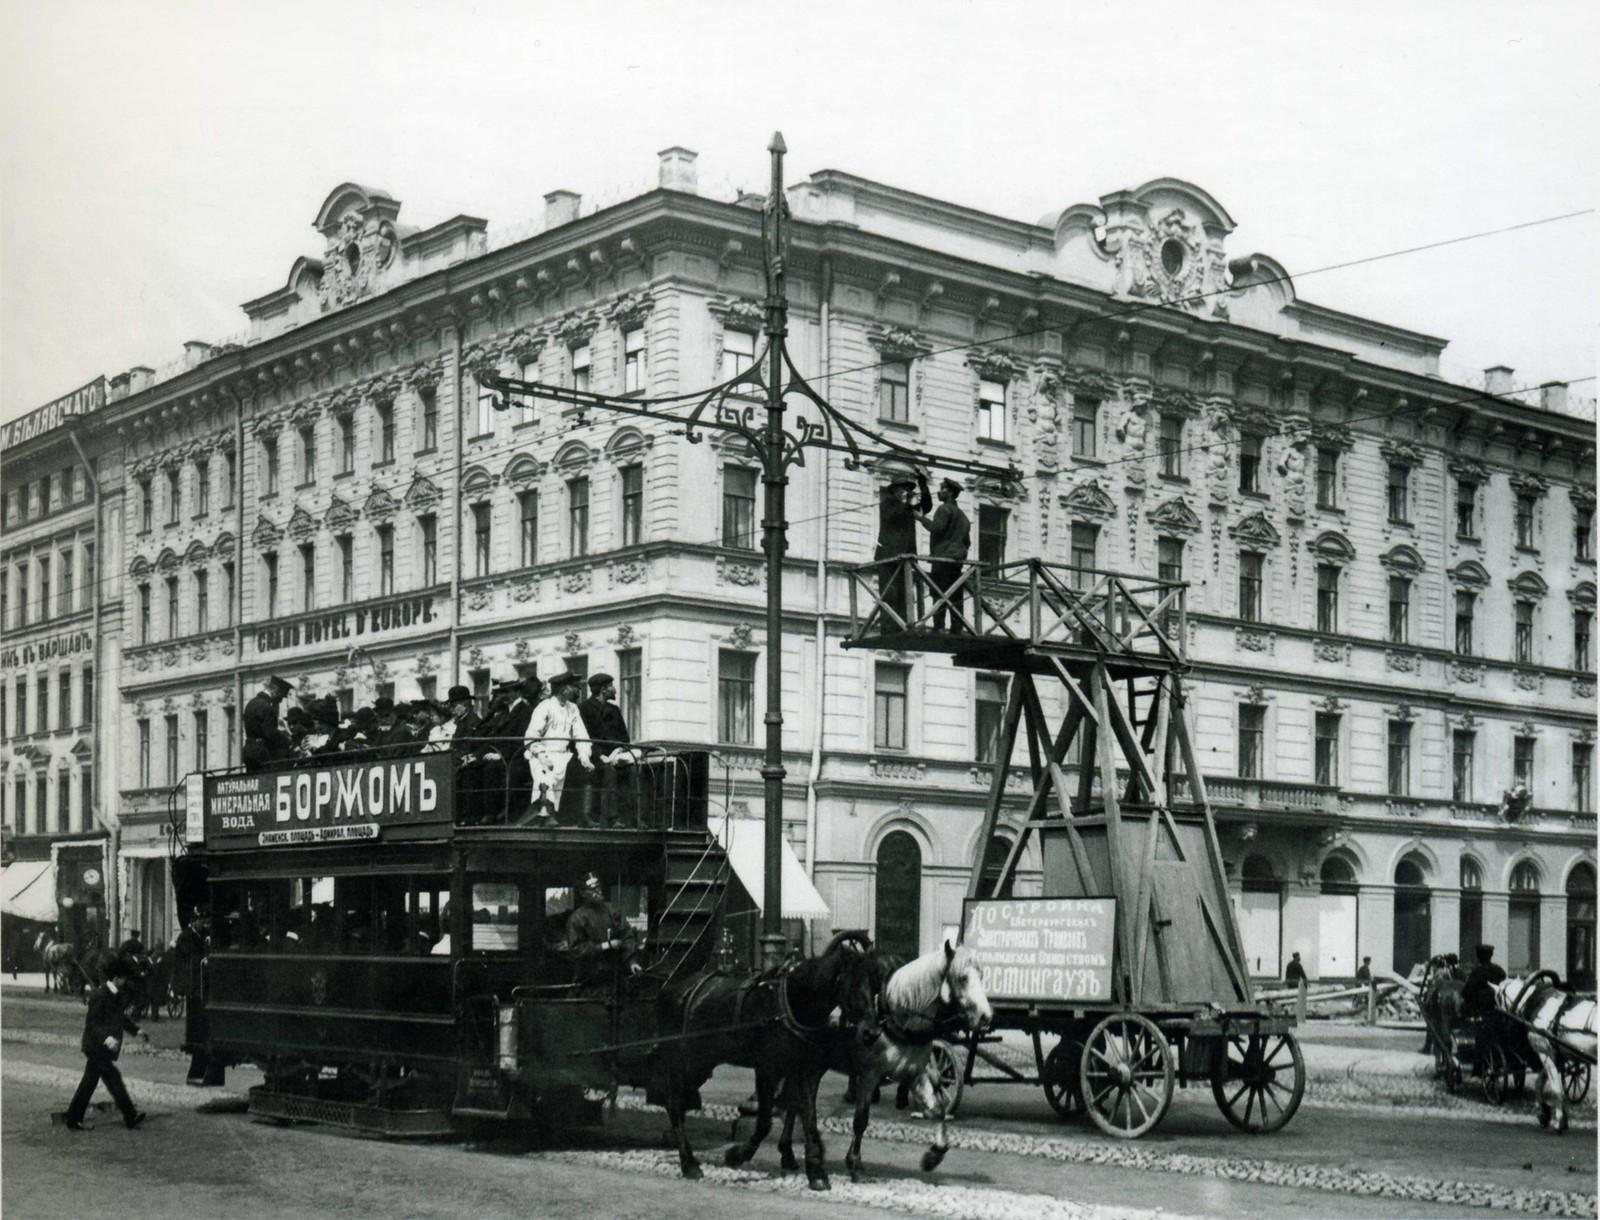 Работа по укреплению электропроводов для трамвайного движения на Невском проспекте. 1907.